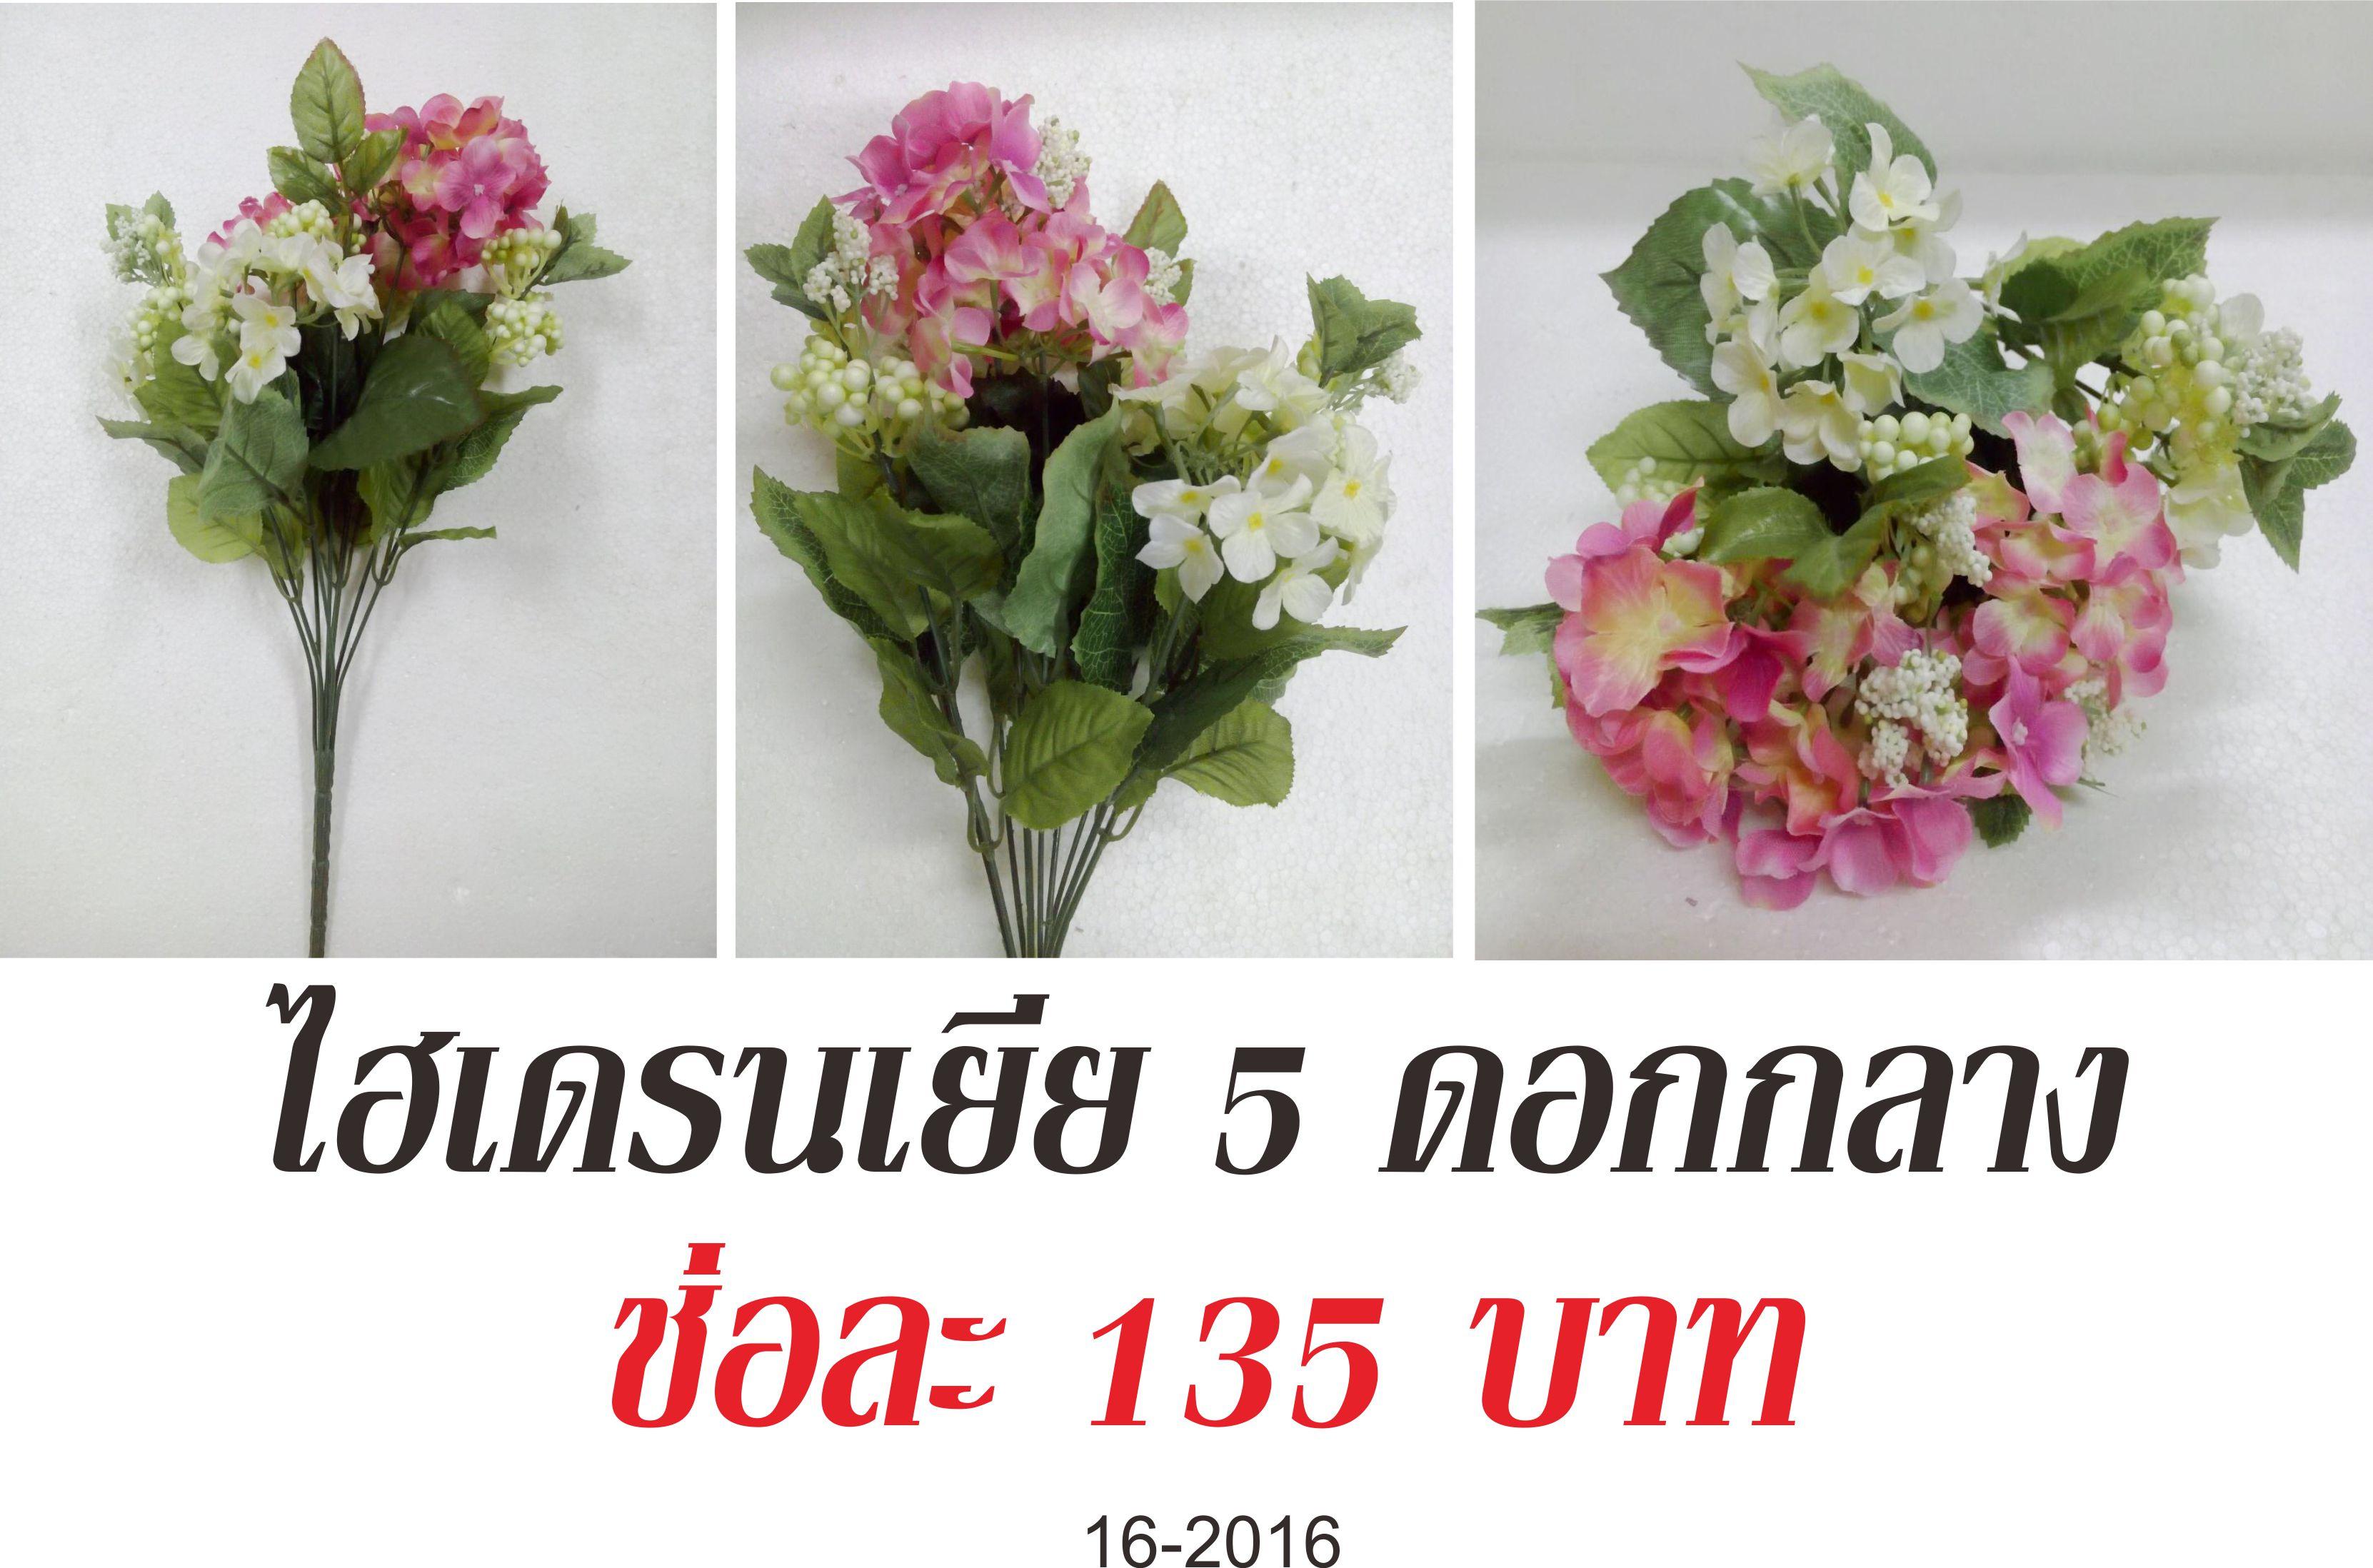 ไฮเดรนเยีย 5 ดอกกลาง